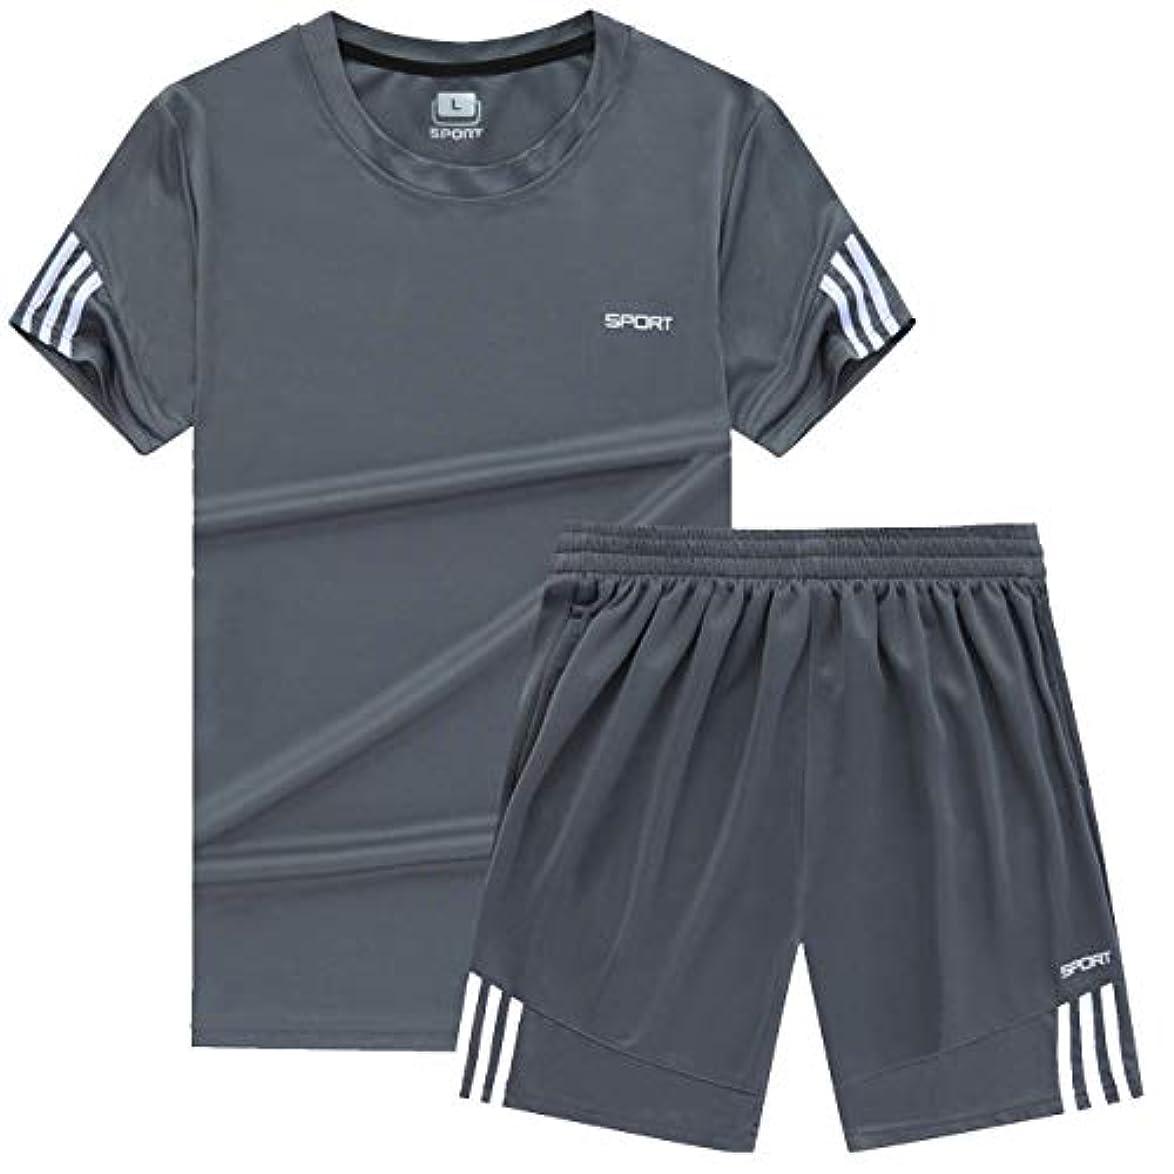 見通しリハーサル気怠い[ココチエ] スポーツウェア メンズ 半袖 短パン 上下 tシャツ 大きめ セットアップ 部屋着 夏